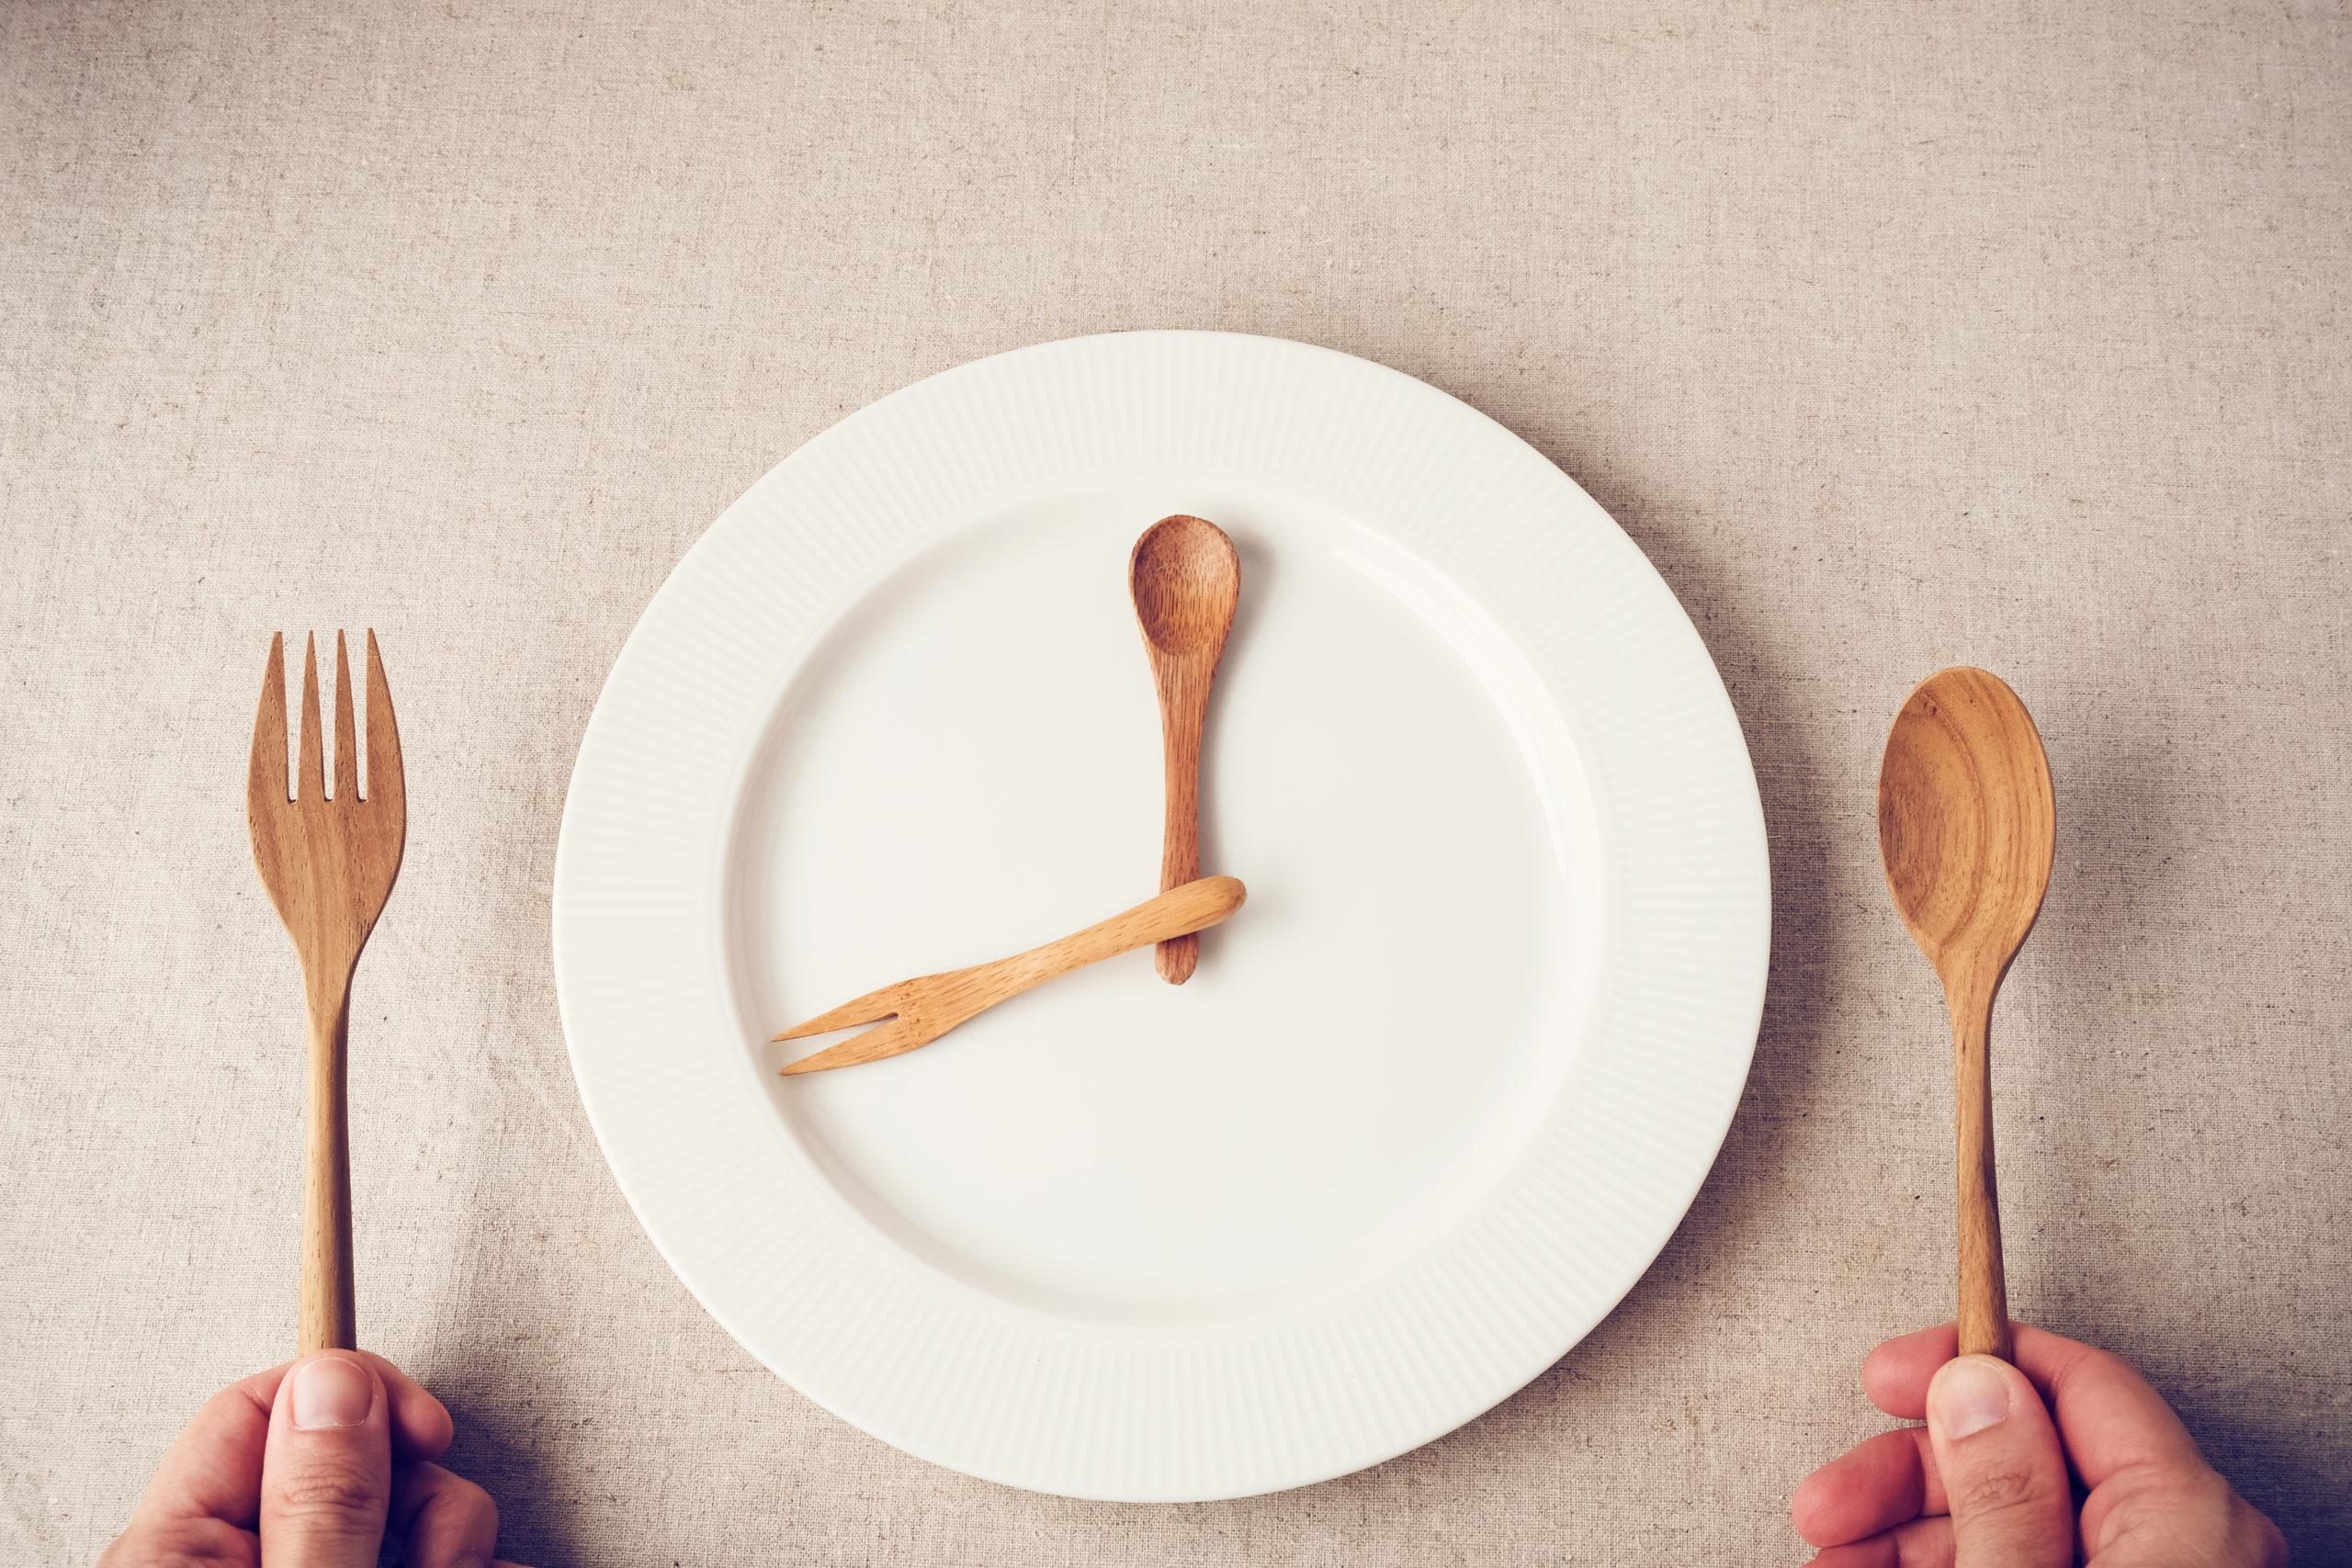 月曜断食は痩せない?リバウンドして失敗する人の特徴3つと健康的なやり方